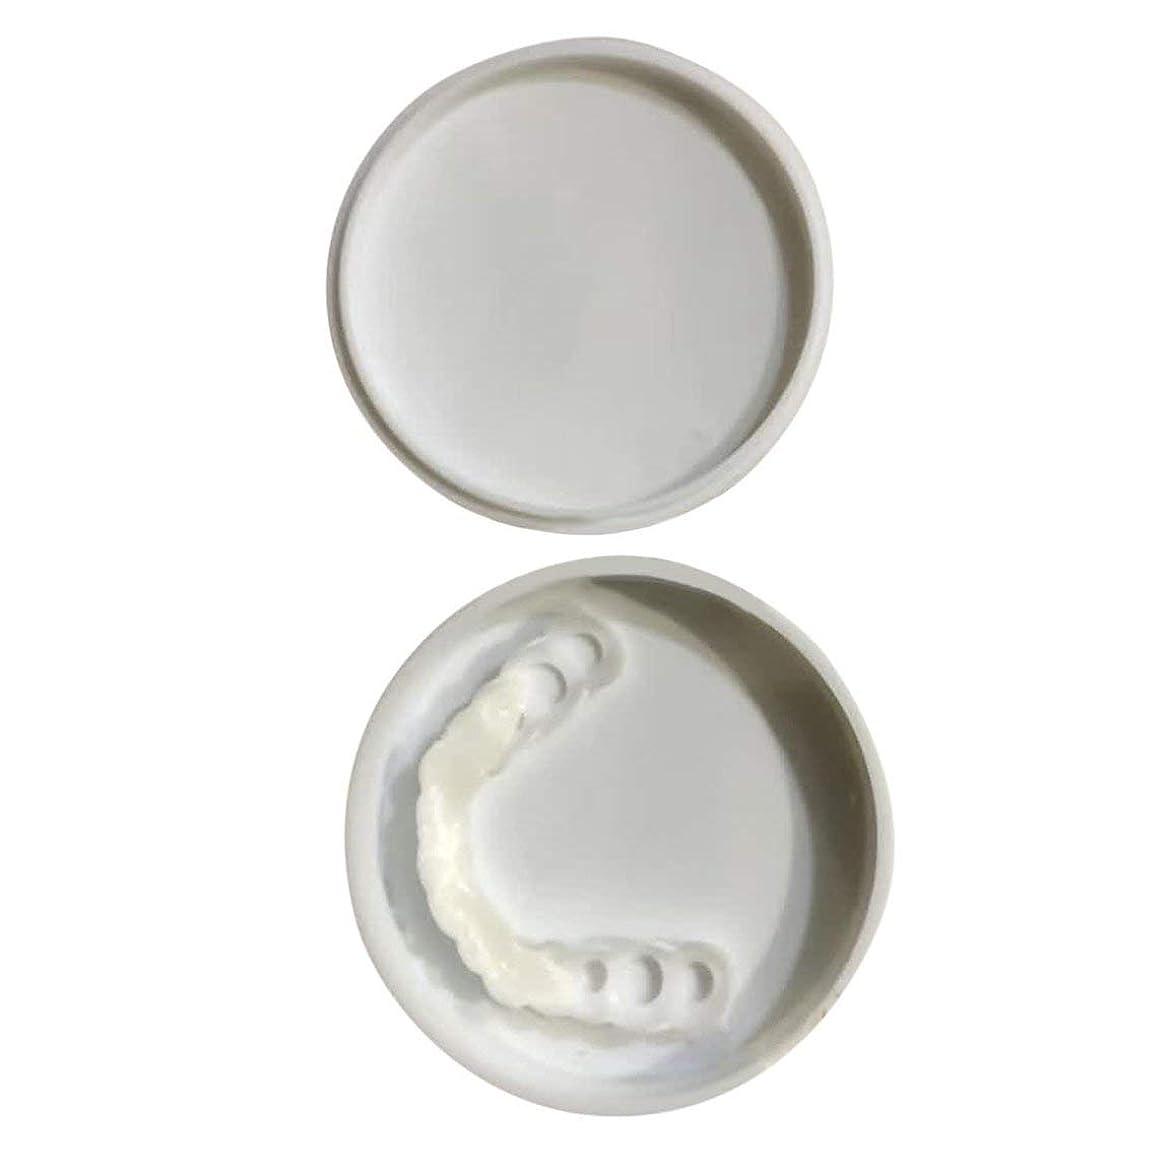 王室スナックく快適なスナップオン男性女性歯インスタントパーフェクトスマイルコンフォートフィットフレックス歯フィットホワイトニング笑顔偽歯カバー - ホワイト